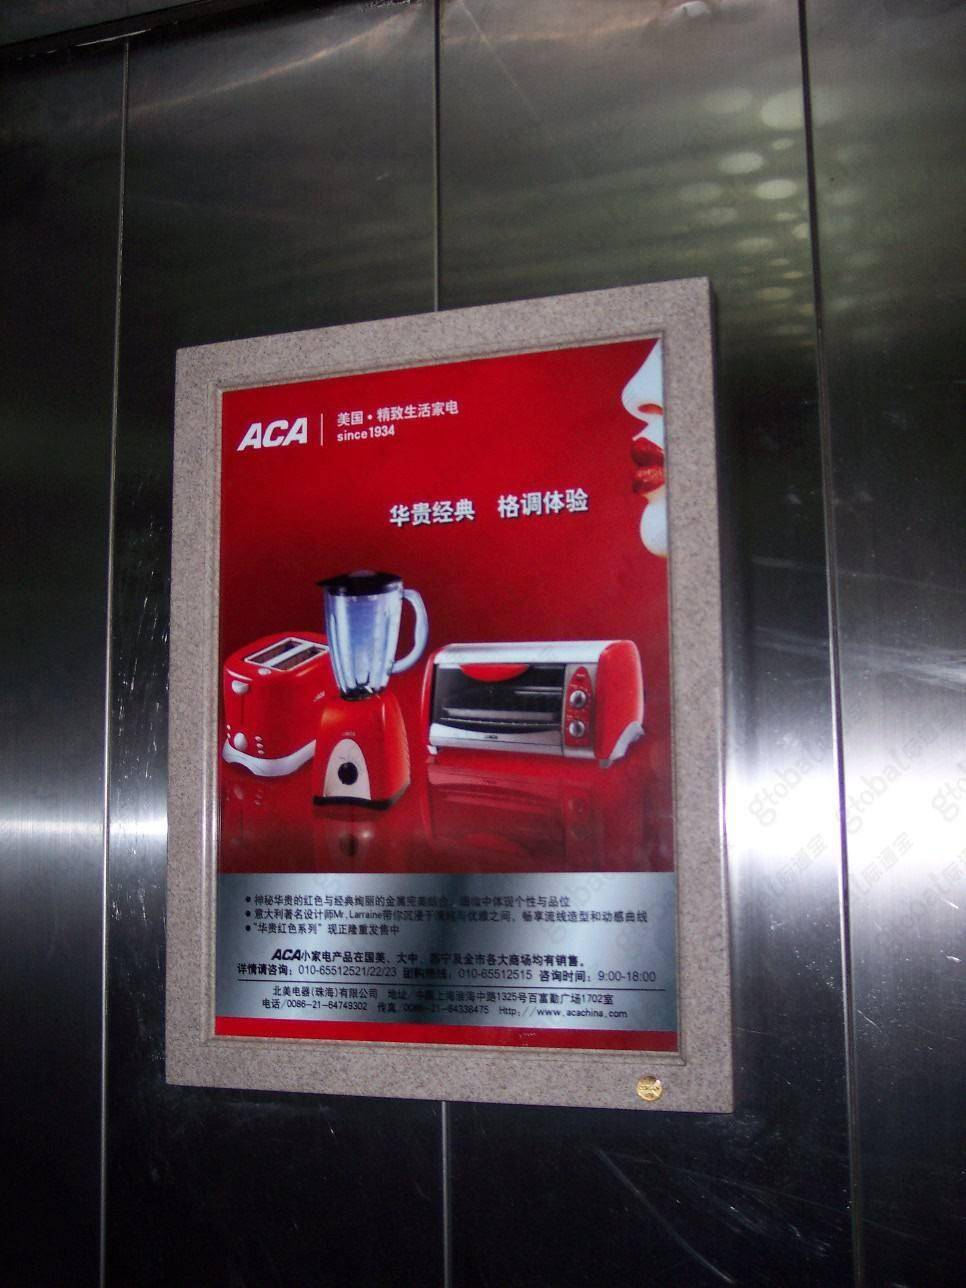 西安电梯广告公司广告牌框架3.0投放(100框起投)